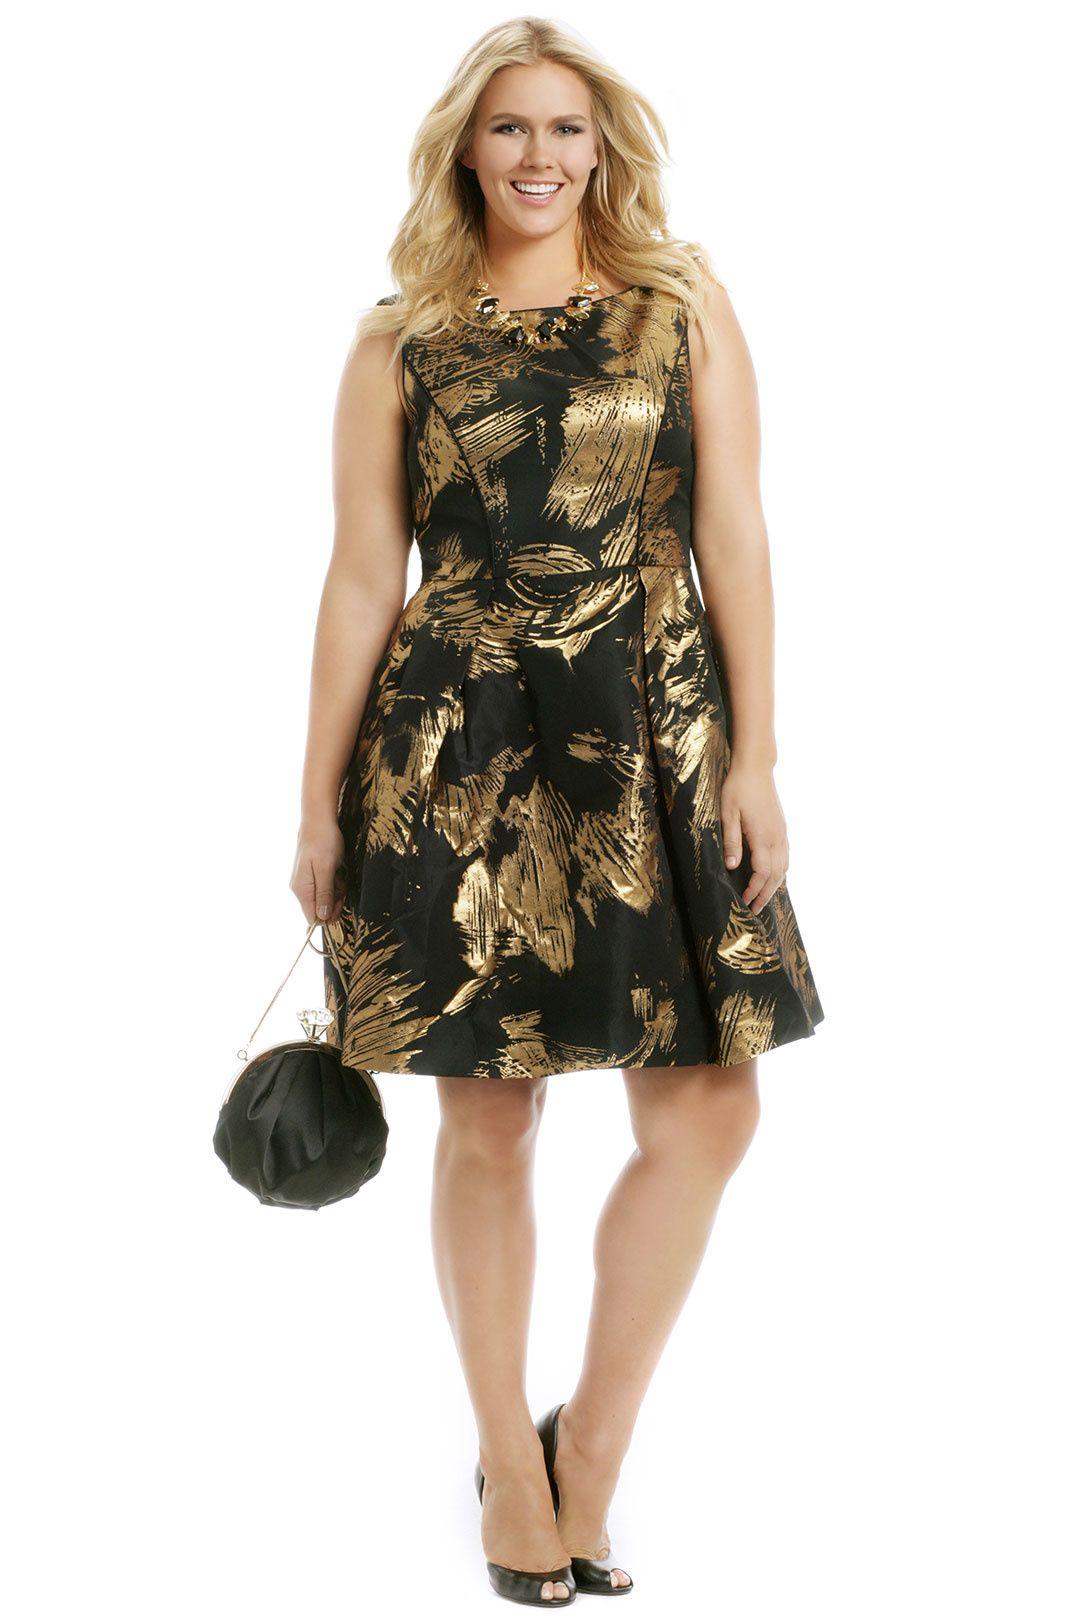 Gold Whirlwind Dress   closet   Plus size, Plus Size Fashion, Fashion